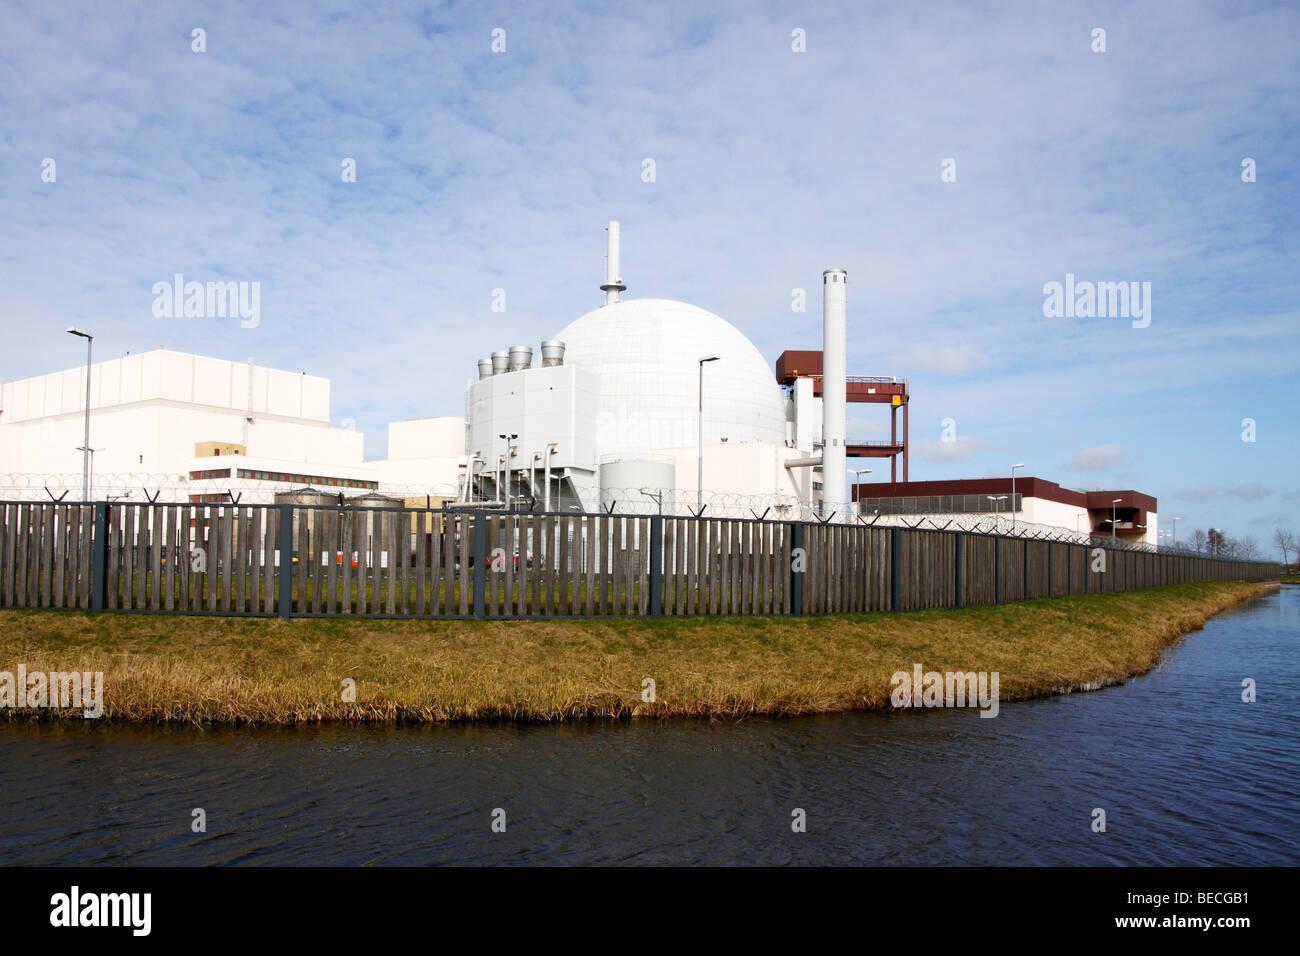 Atomic Power Plant, Nuclear Power Station in Brokdorf, Wilstermarsch, district Steinburg, Elbmarschen, Schleswig - Stock Image